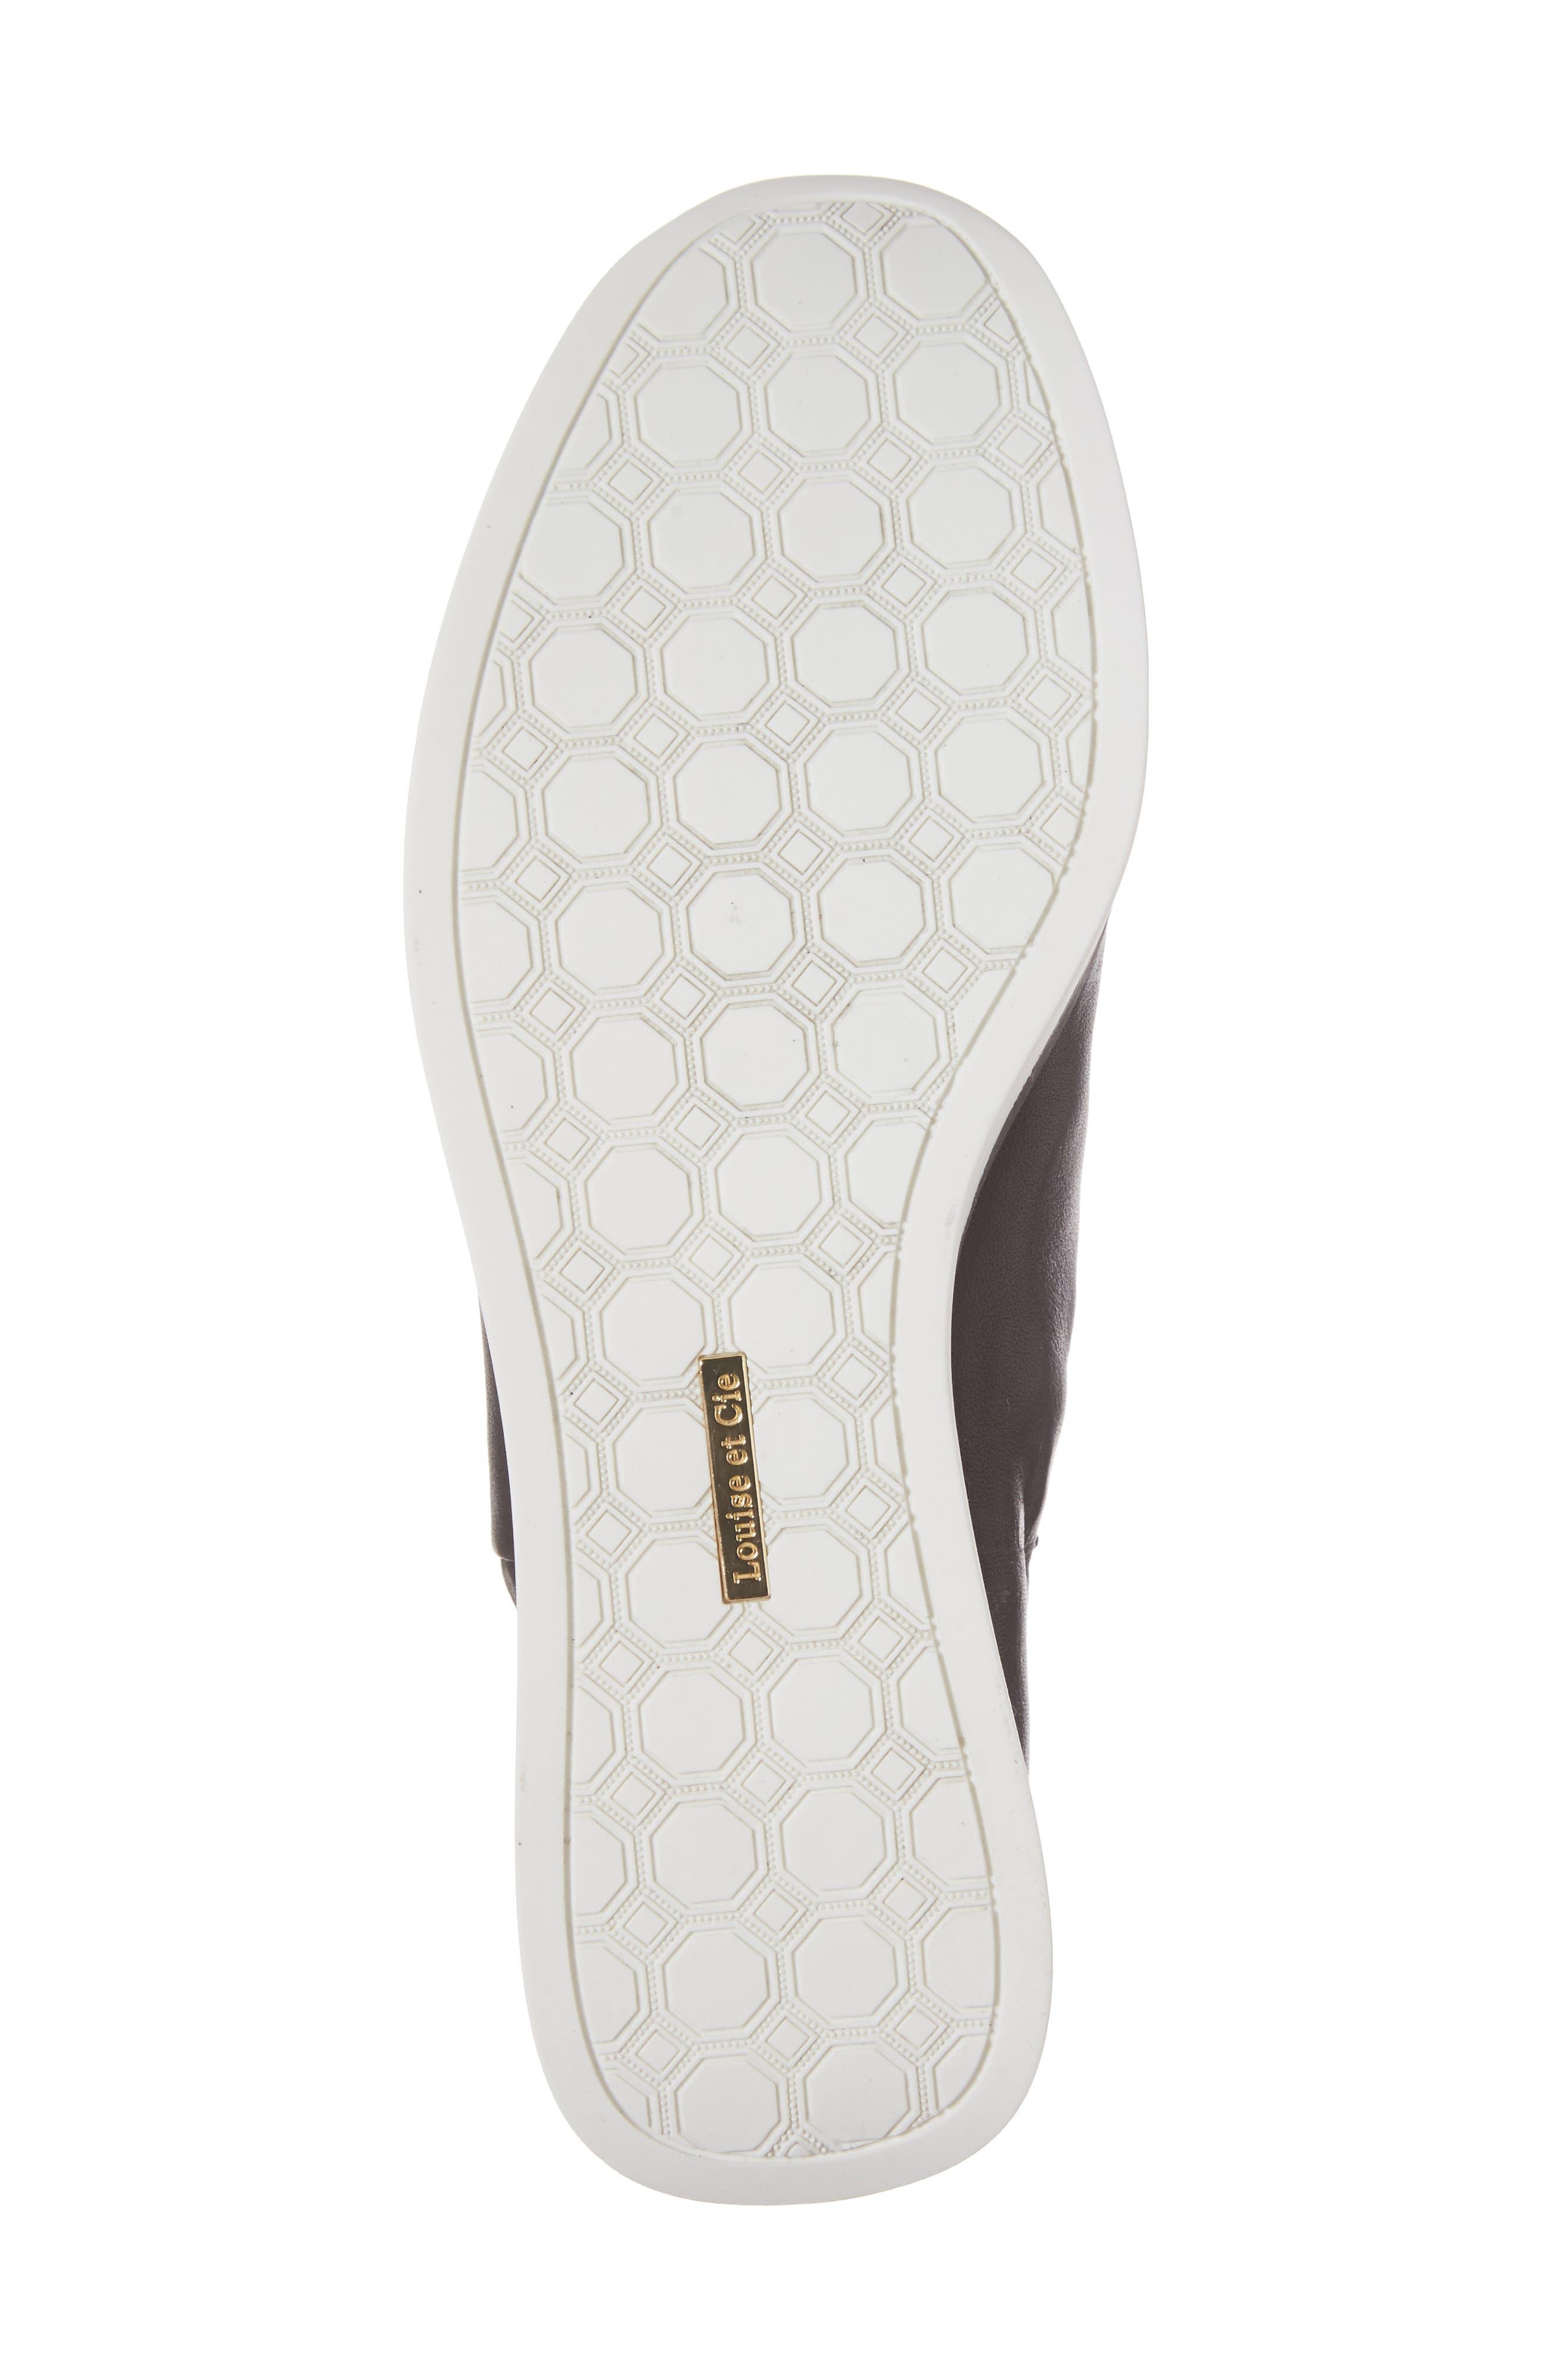 Brogen Slip-On Sneaker,                             Alternate thumbnail 6, color,                             Black Leather